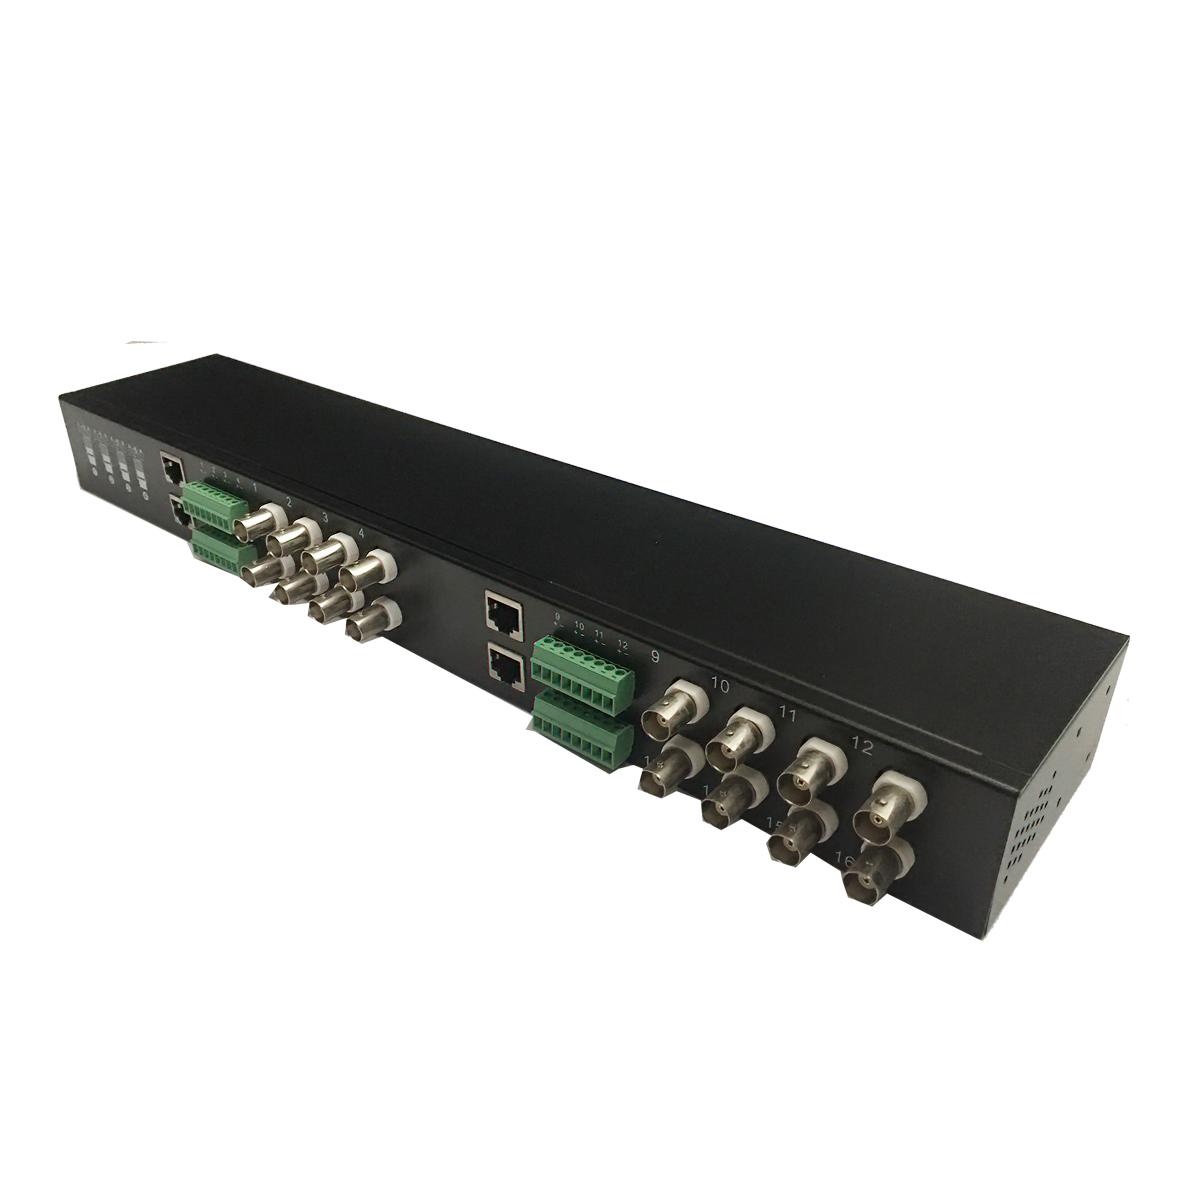 Bộ chuyển đổi Tín hiệu Video Balun  chống nhiễu 16 kênh BNC kết nối bằng cáp mạng UTP